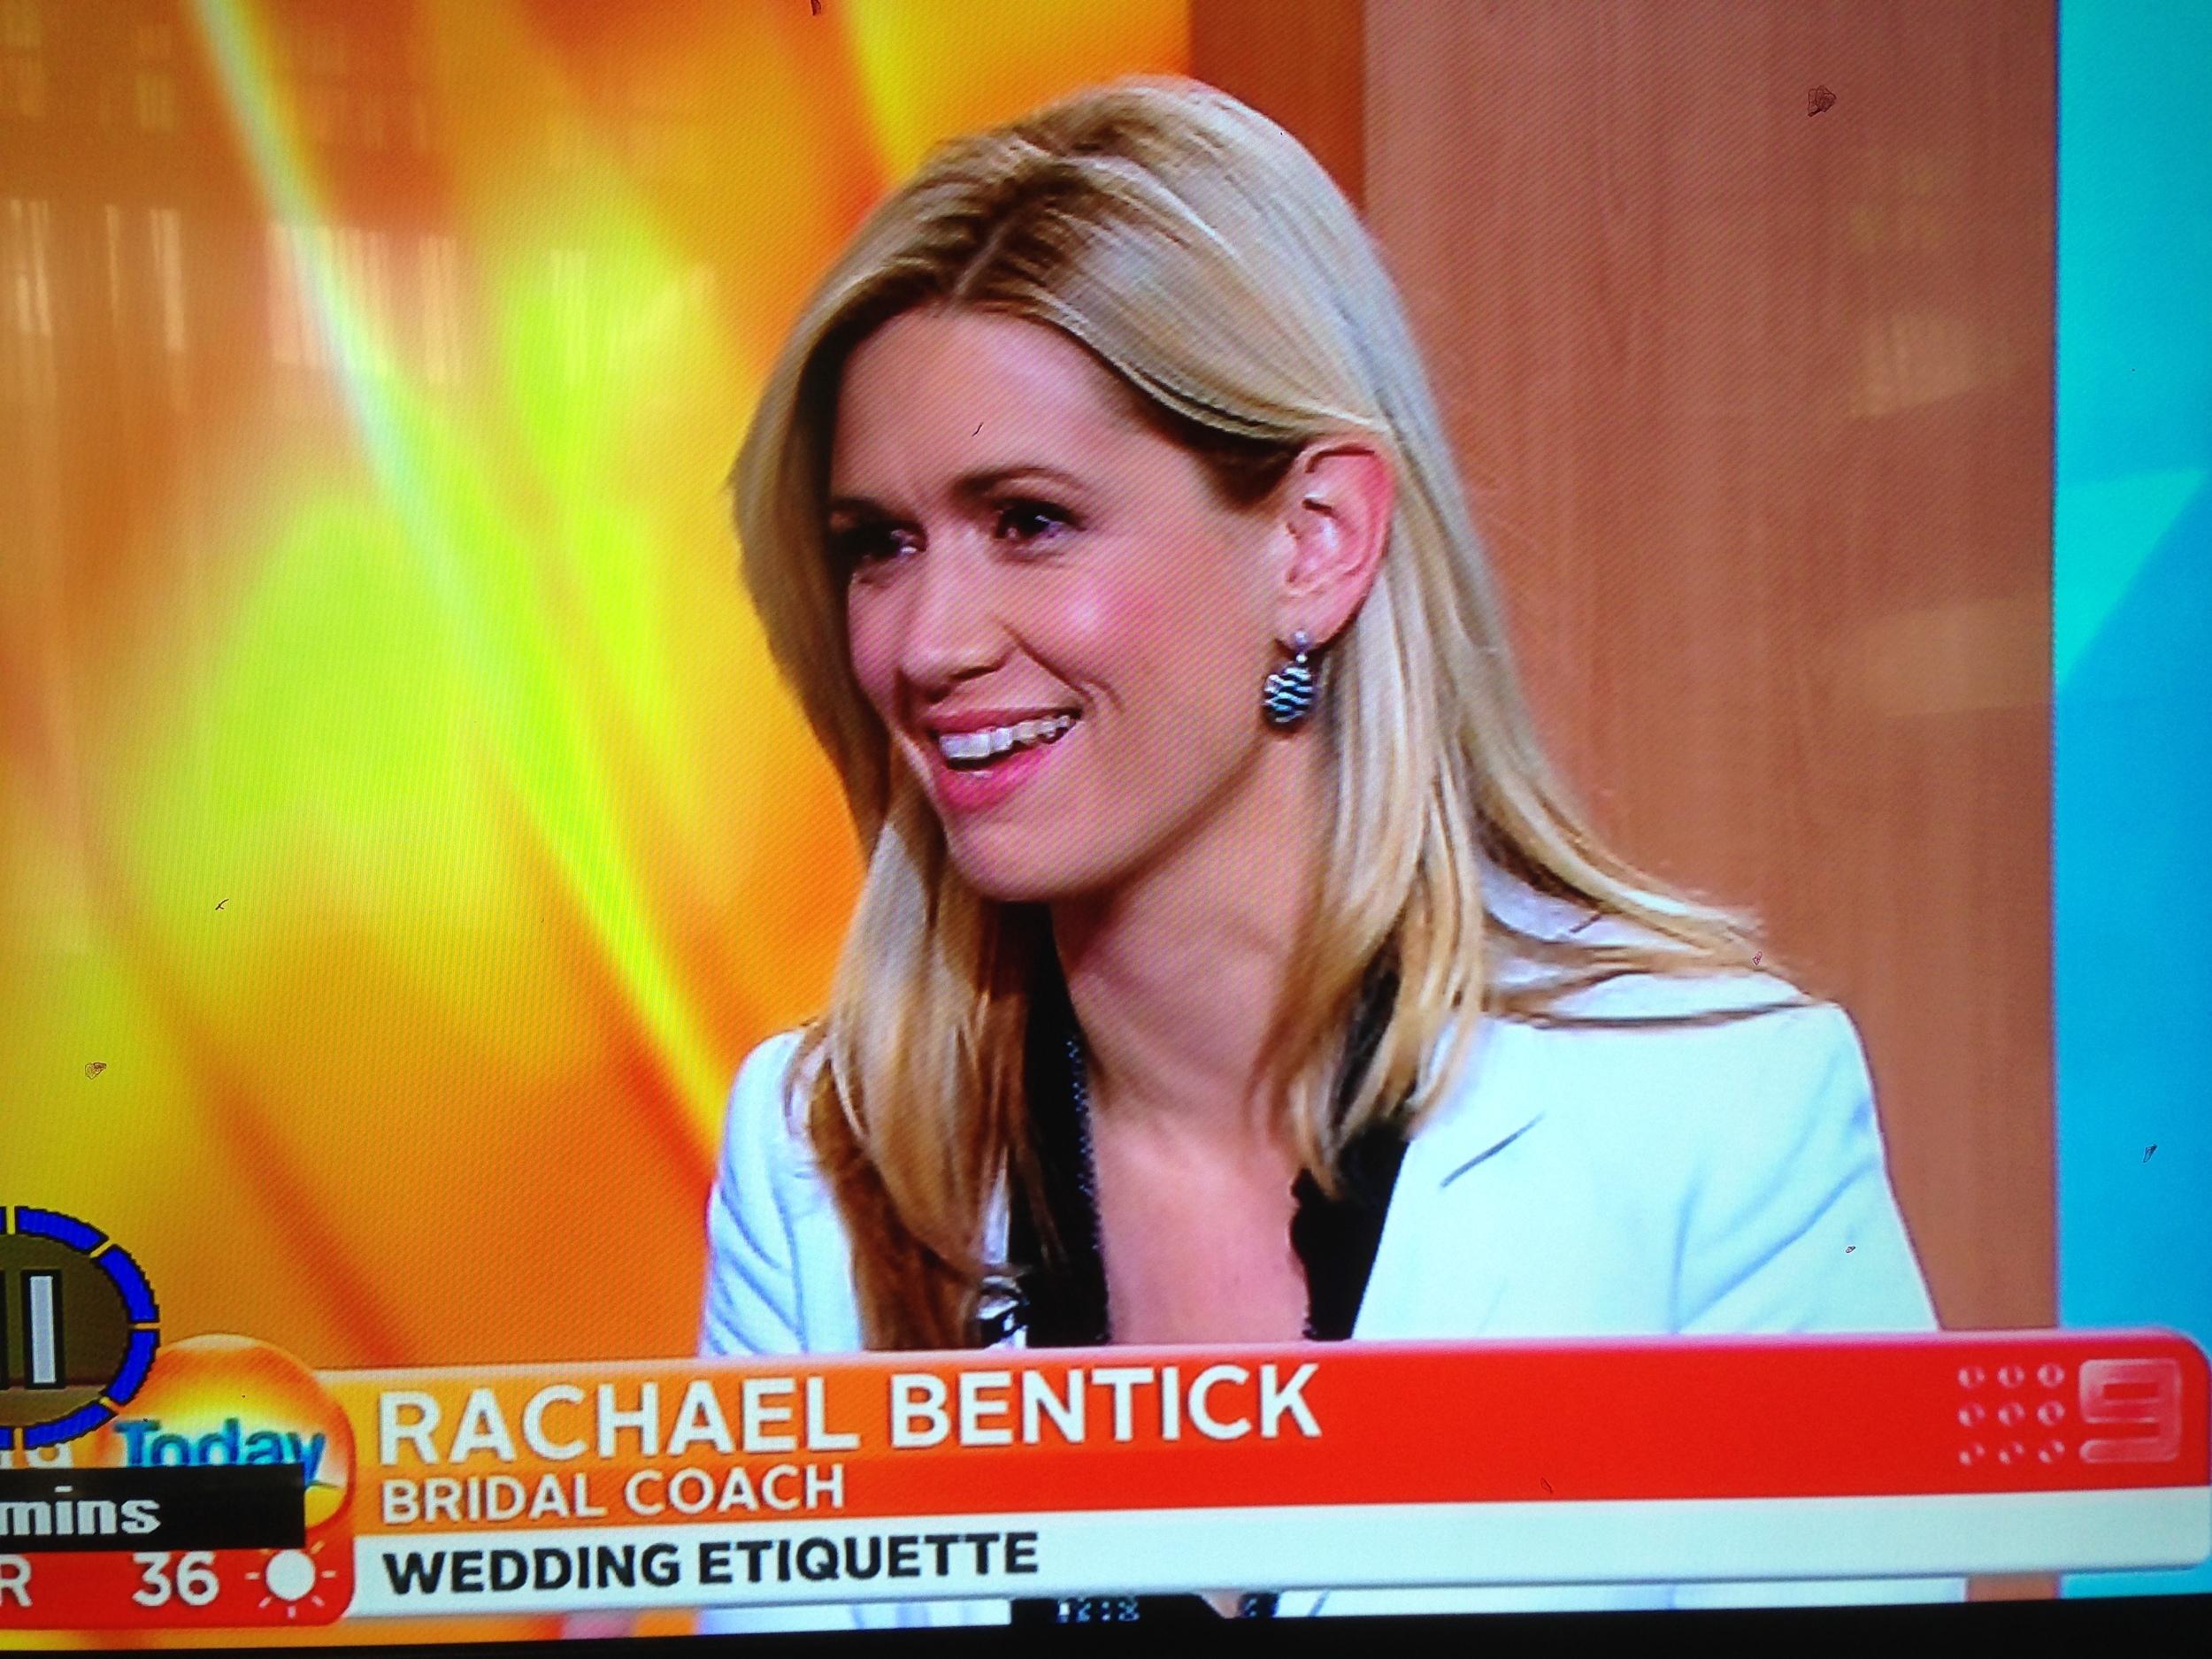 Rachael Bentick - Today Show